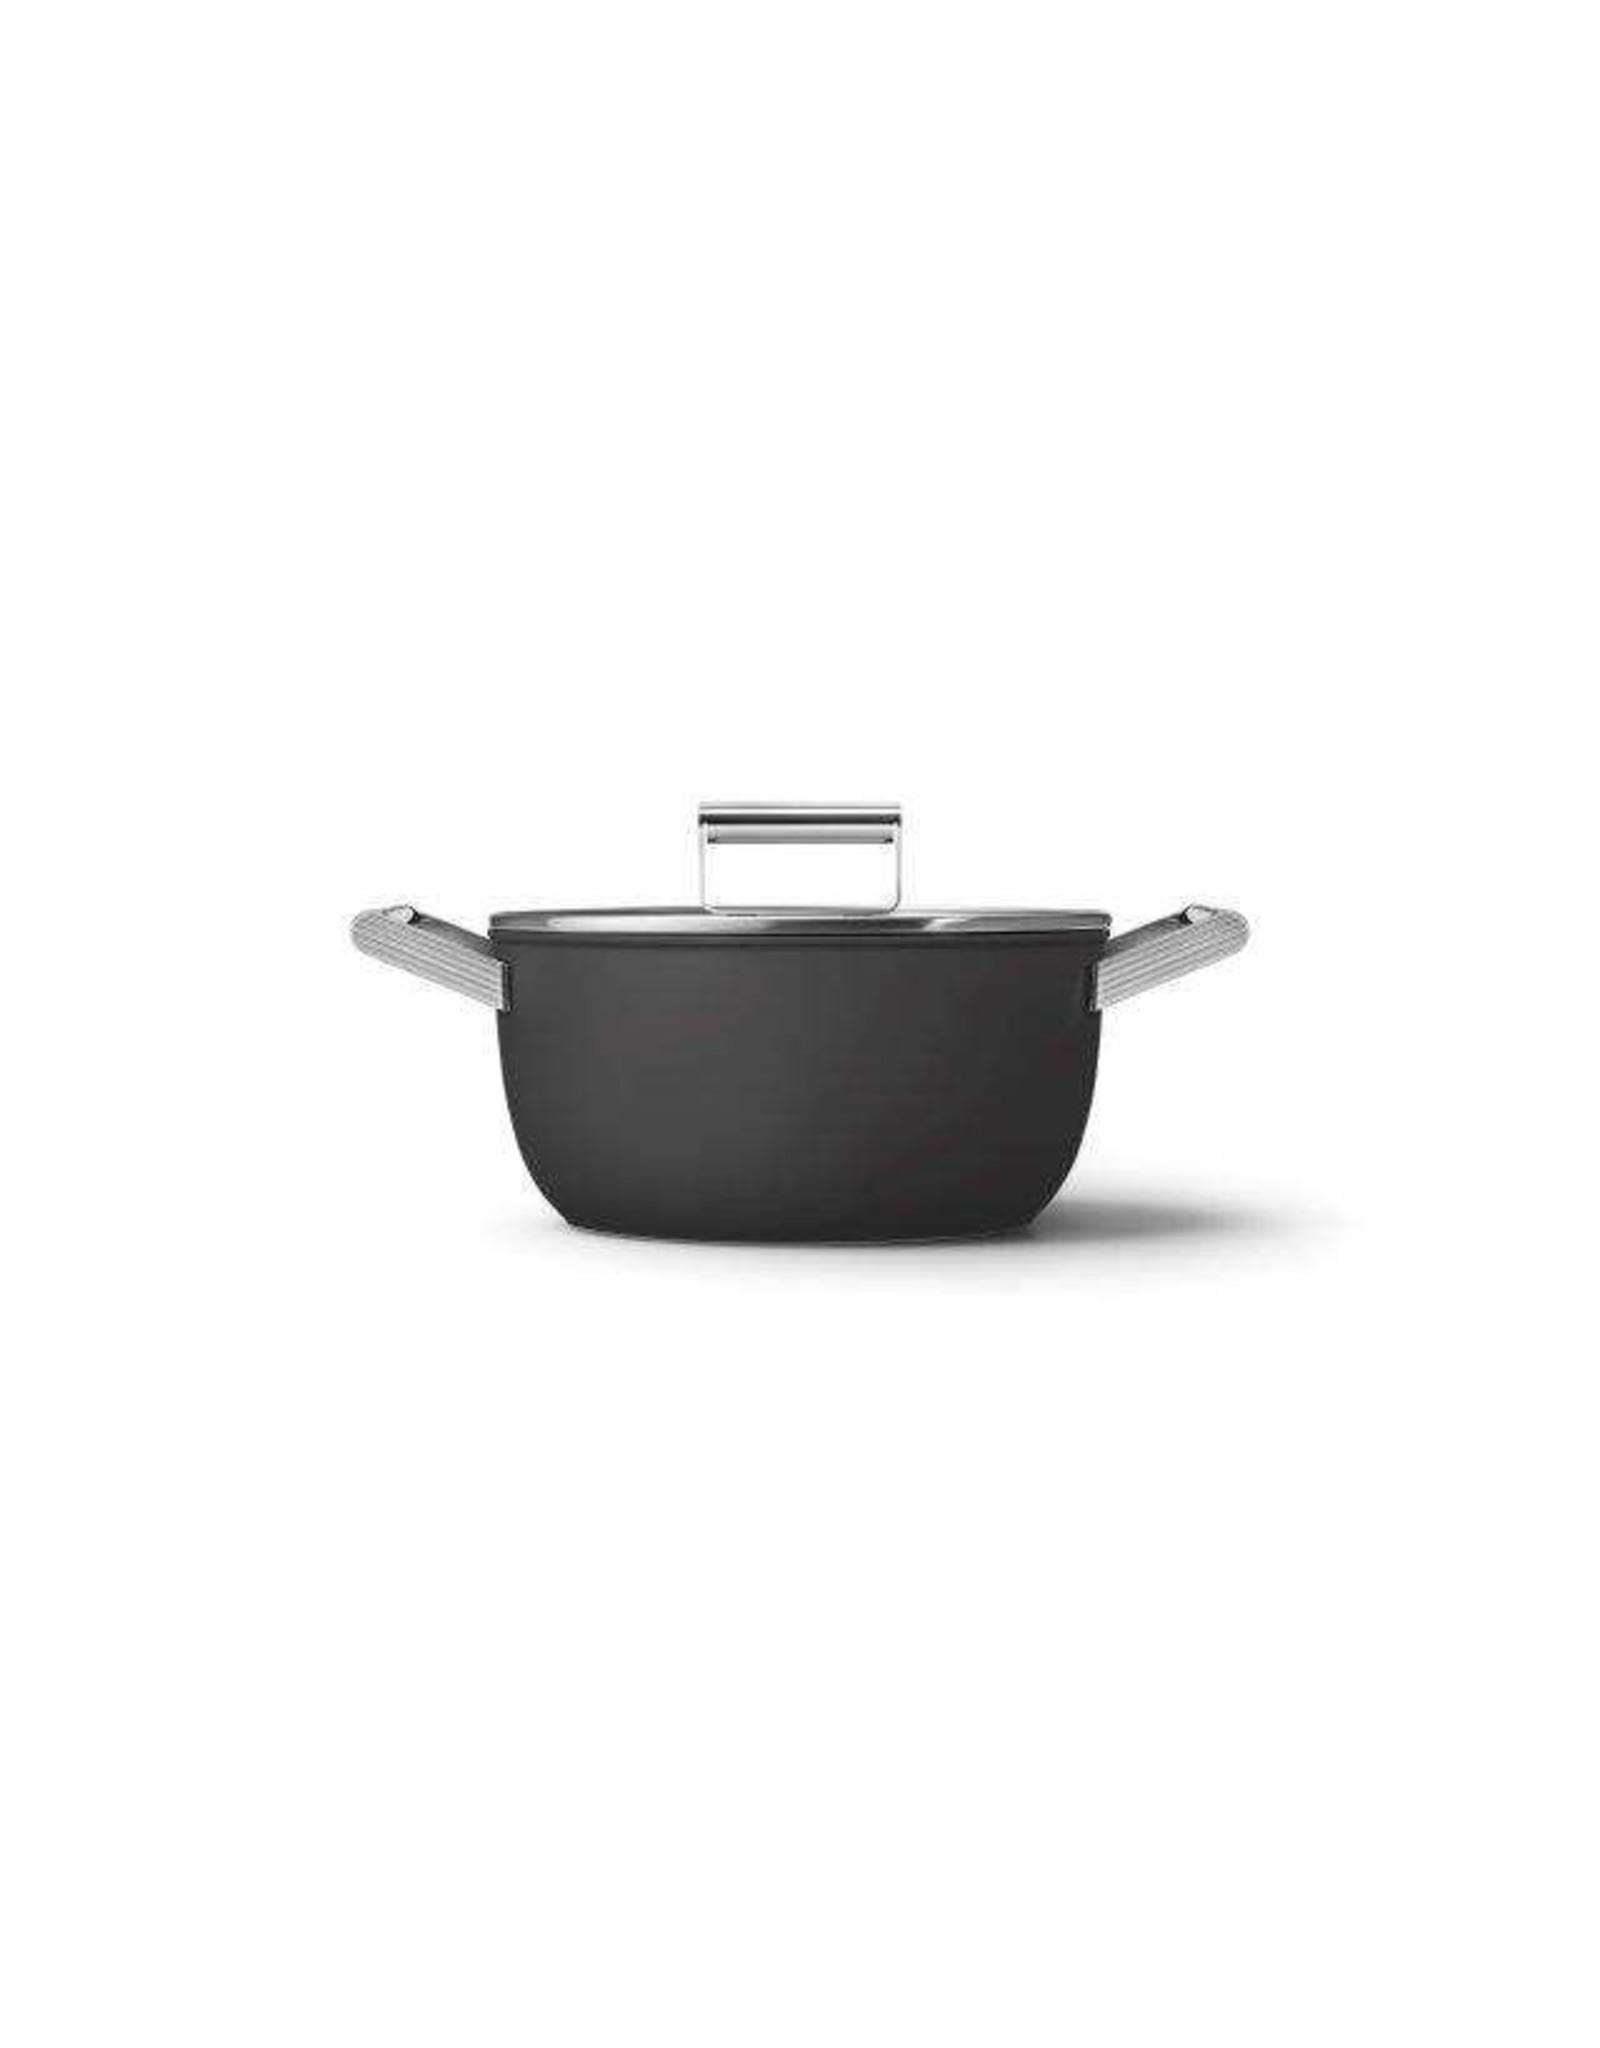 Smeg. Kookpan. Met Deksel 24 cm. Mat zwart